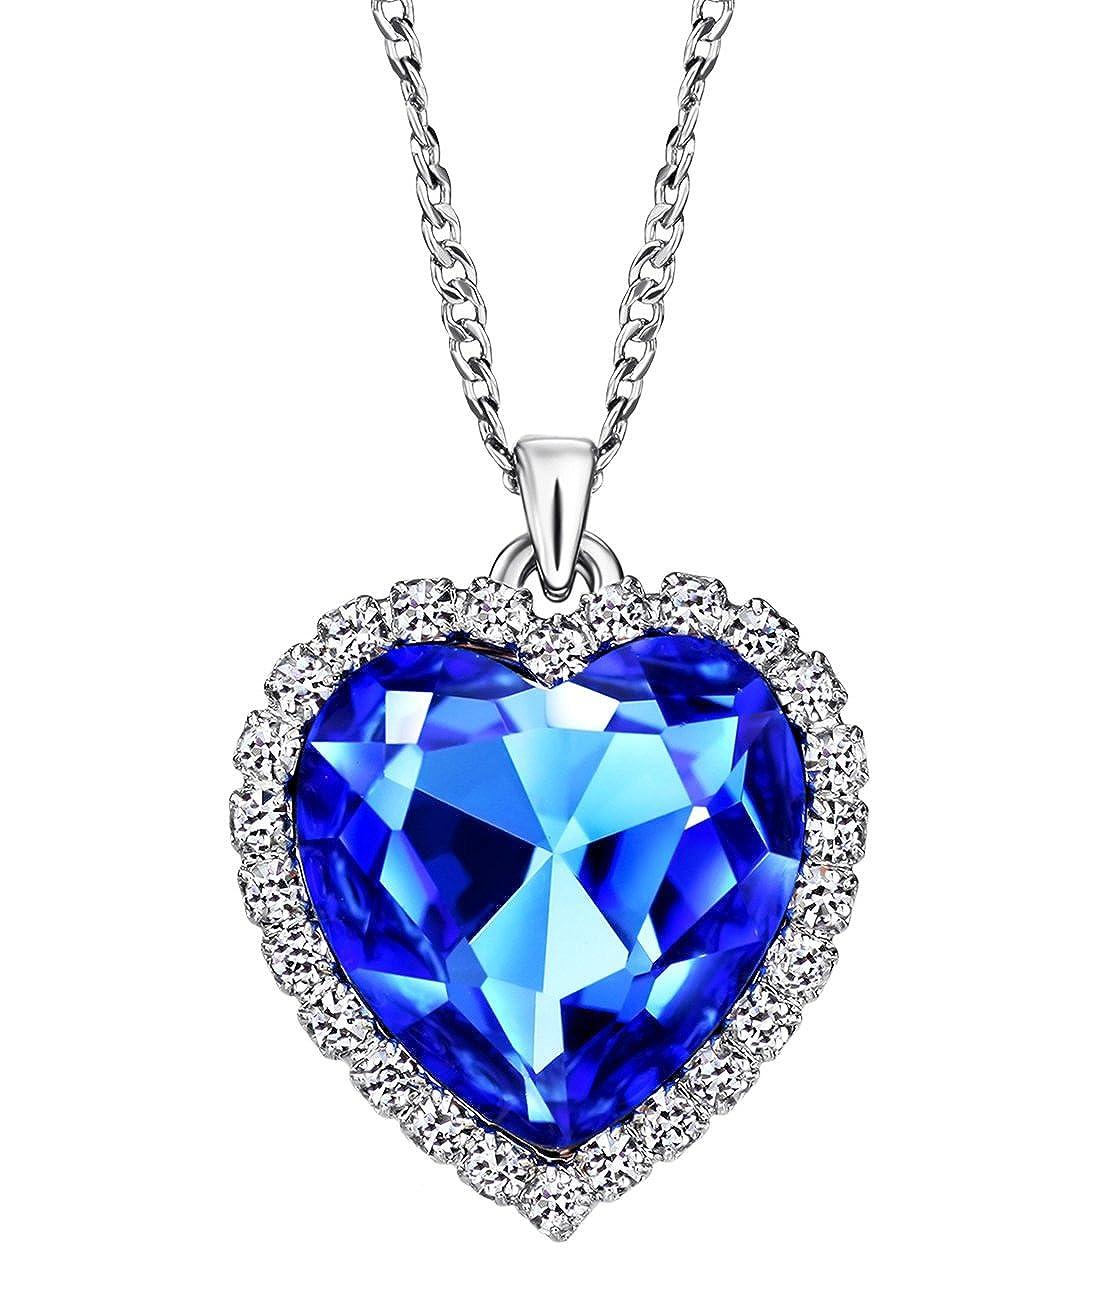 fb907fbae48a NEOGLORY Collar de Corazón Amor Love Heart con Cristal Azul Joya Regalo  Mujer Chica  Amazon.es  Joyería